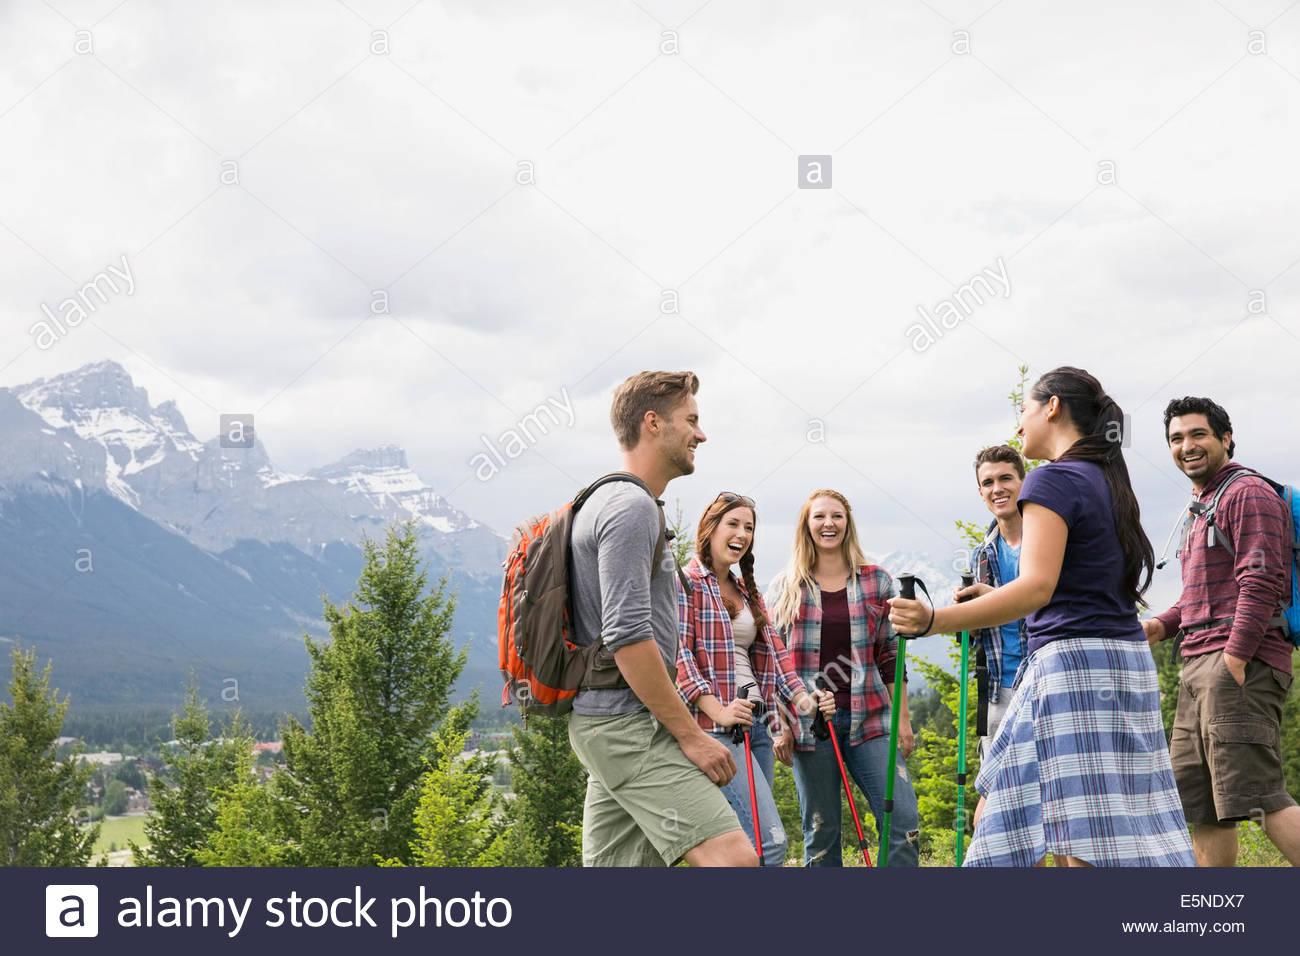 Amigos senderismo cerca de las montañas Imagen De Stock